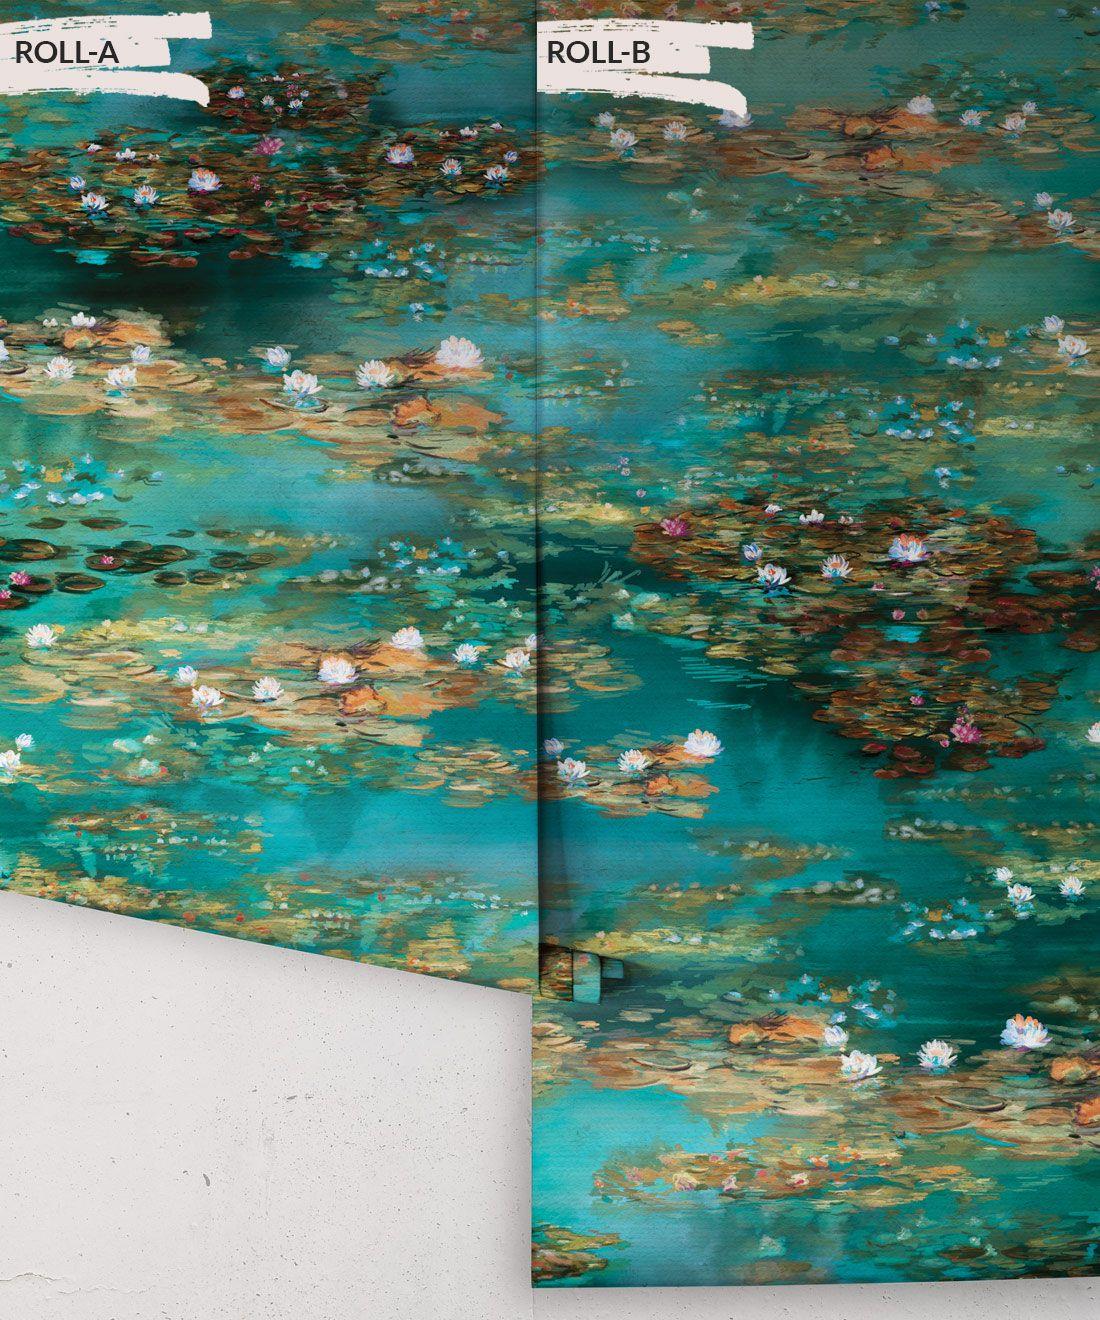 Water Lillies Wallpaper •Abstract Wallpaper • Dreamy Wallpaper • Teal Wallpaper •Rolls